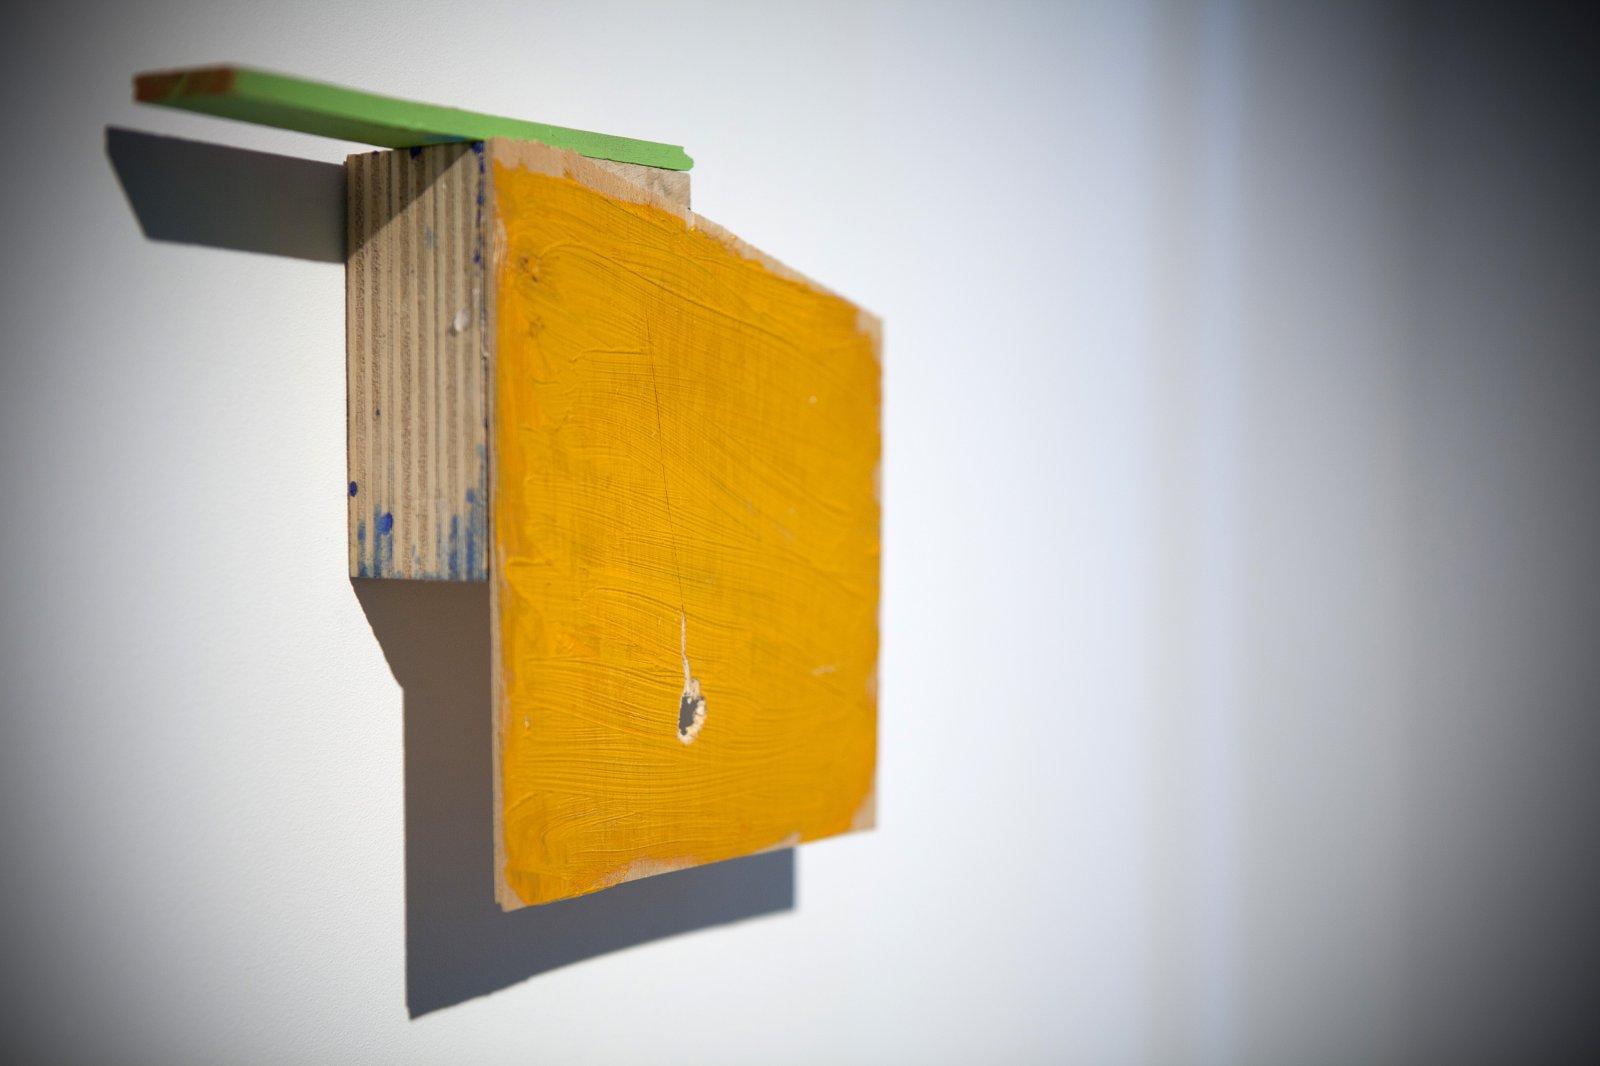 Galería Louis 21. 'Sobre El Muro'. Obra de Teo Soriano